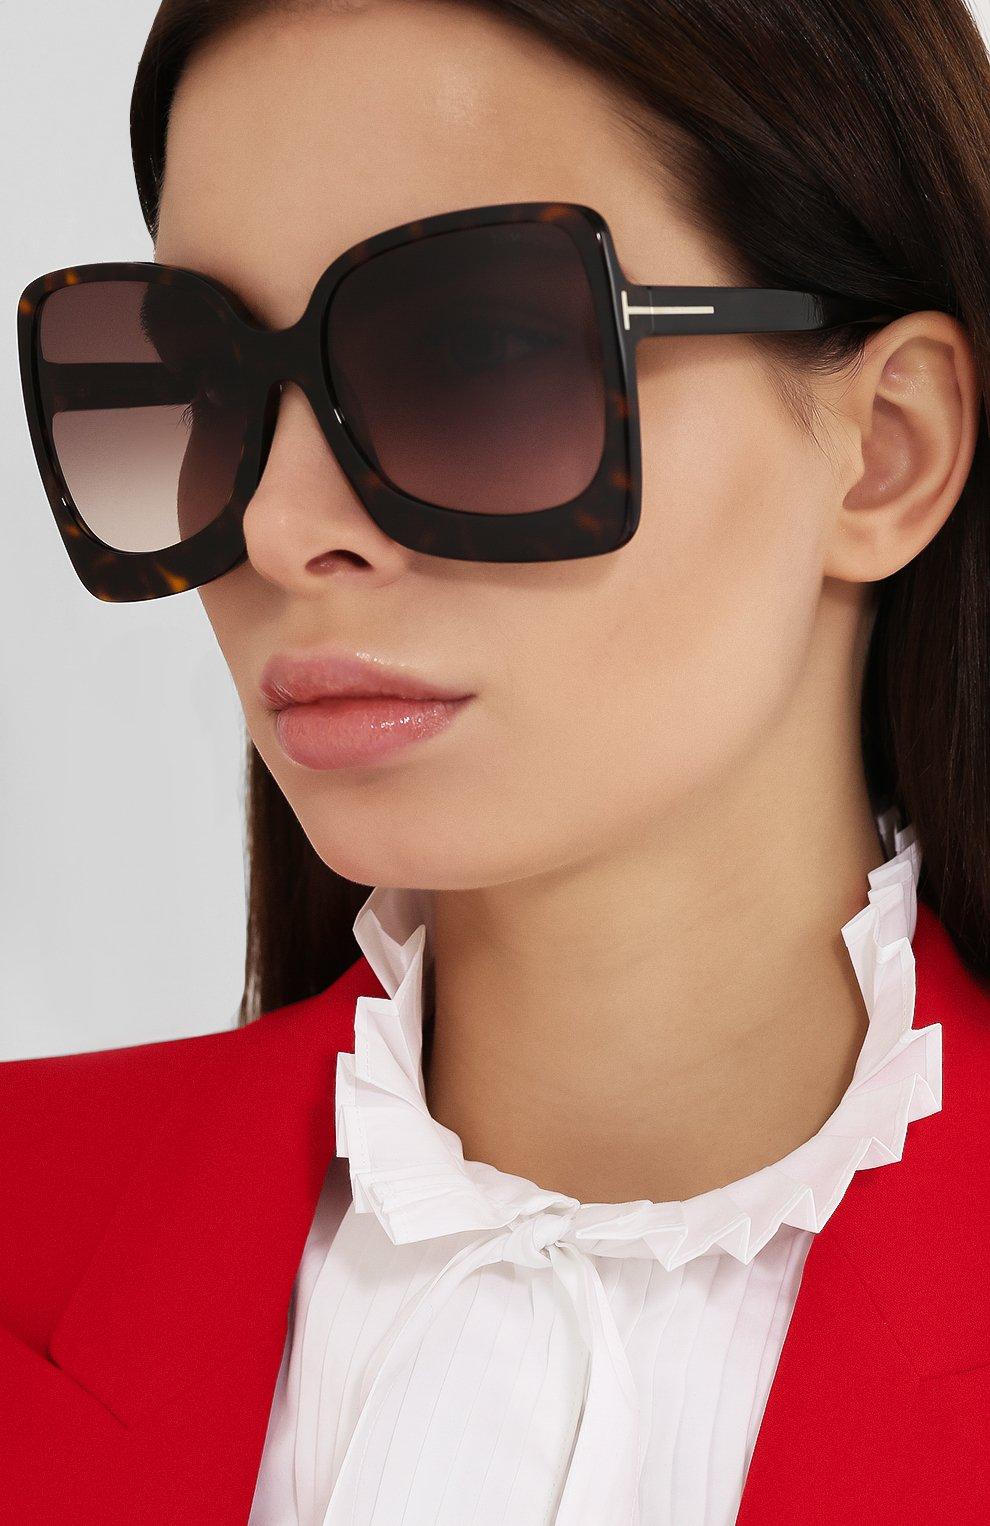 Женские солнцезащитные очки TOM FORD коричневого цвета, арт. TF618 | Фото 2